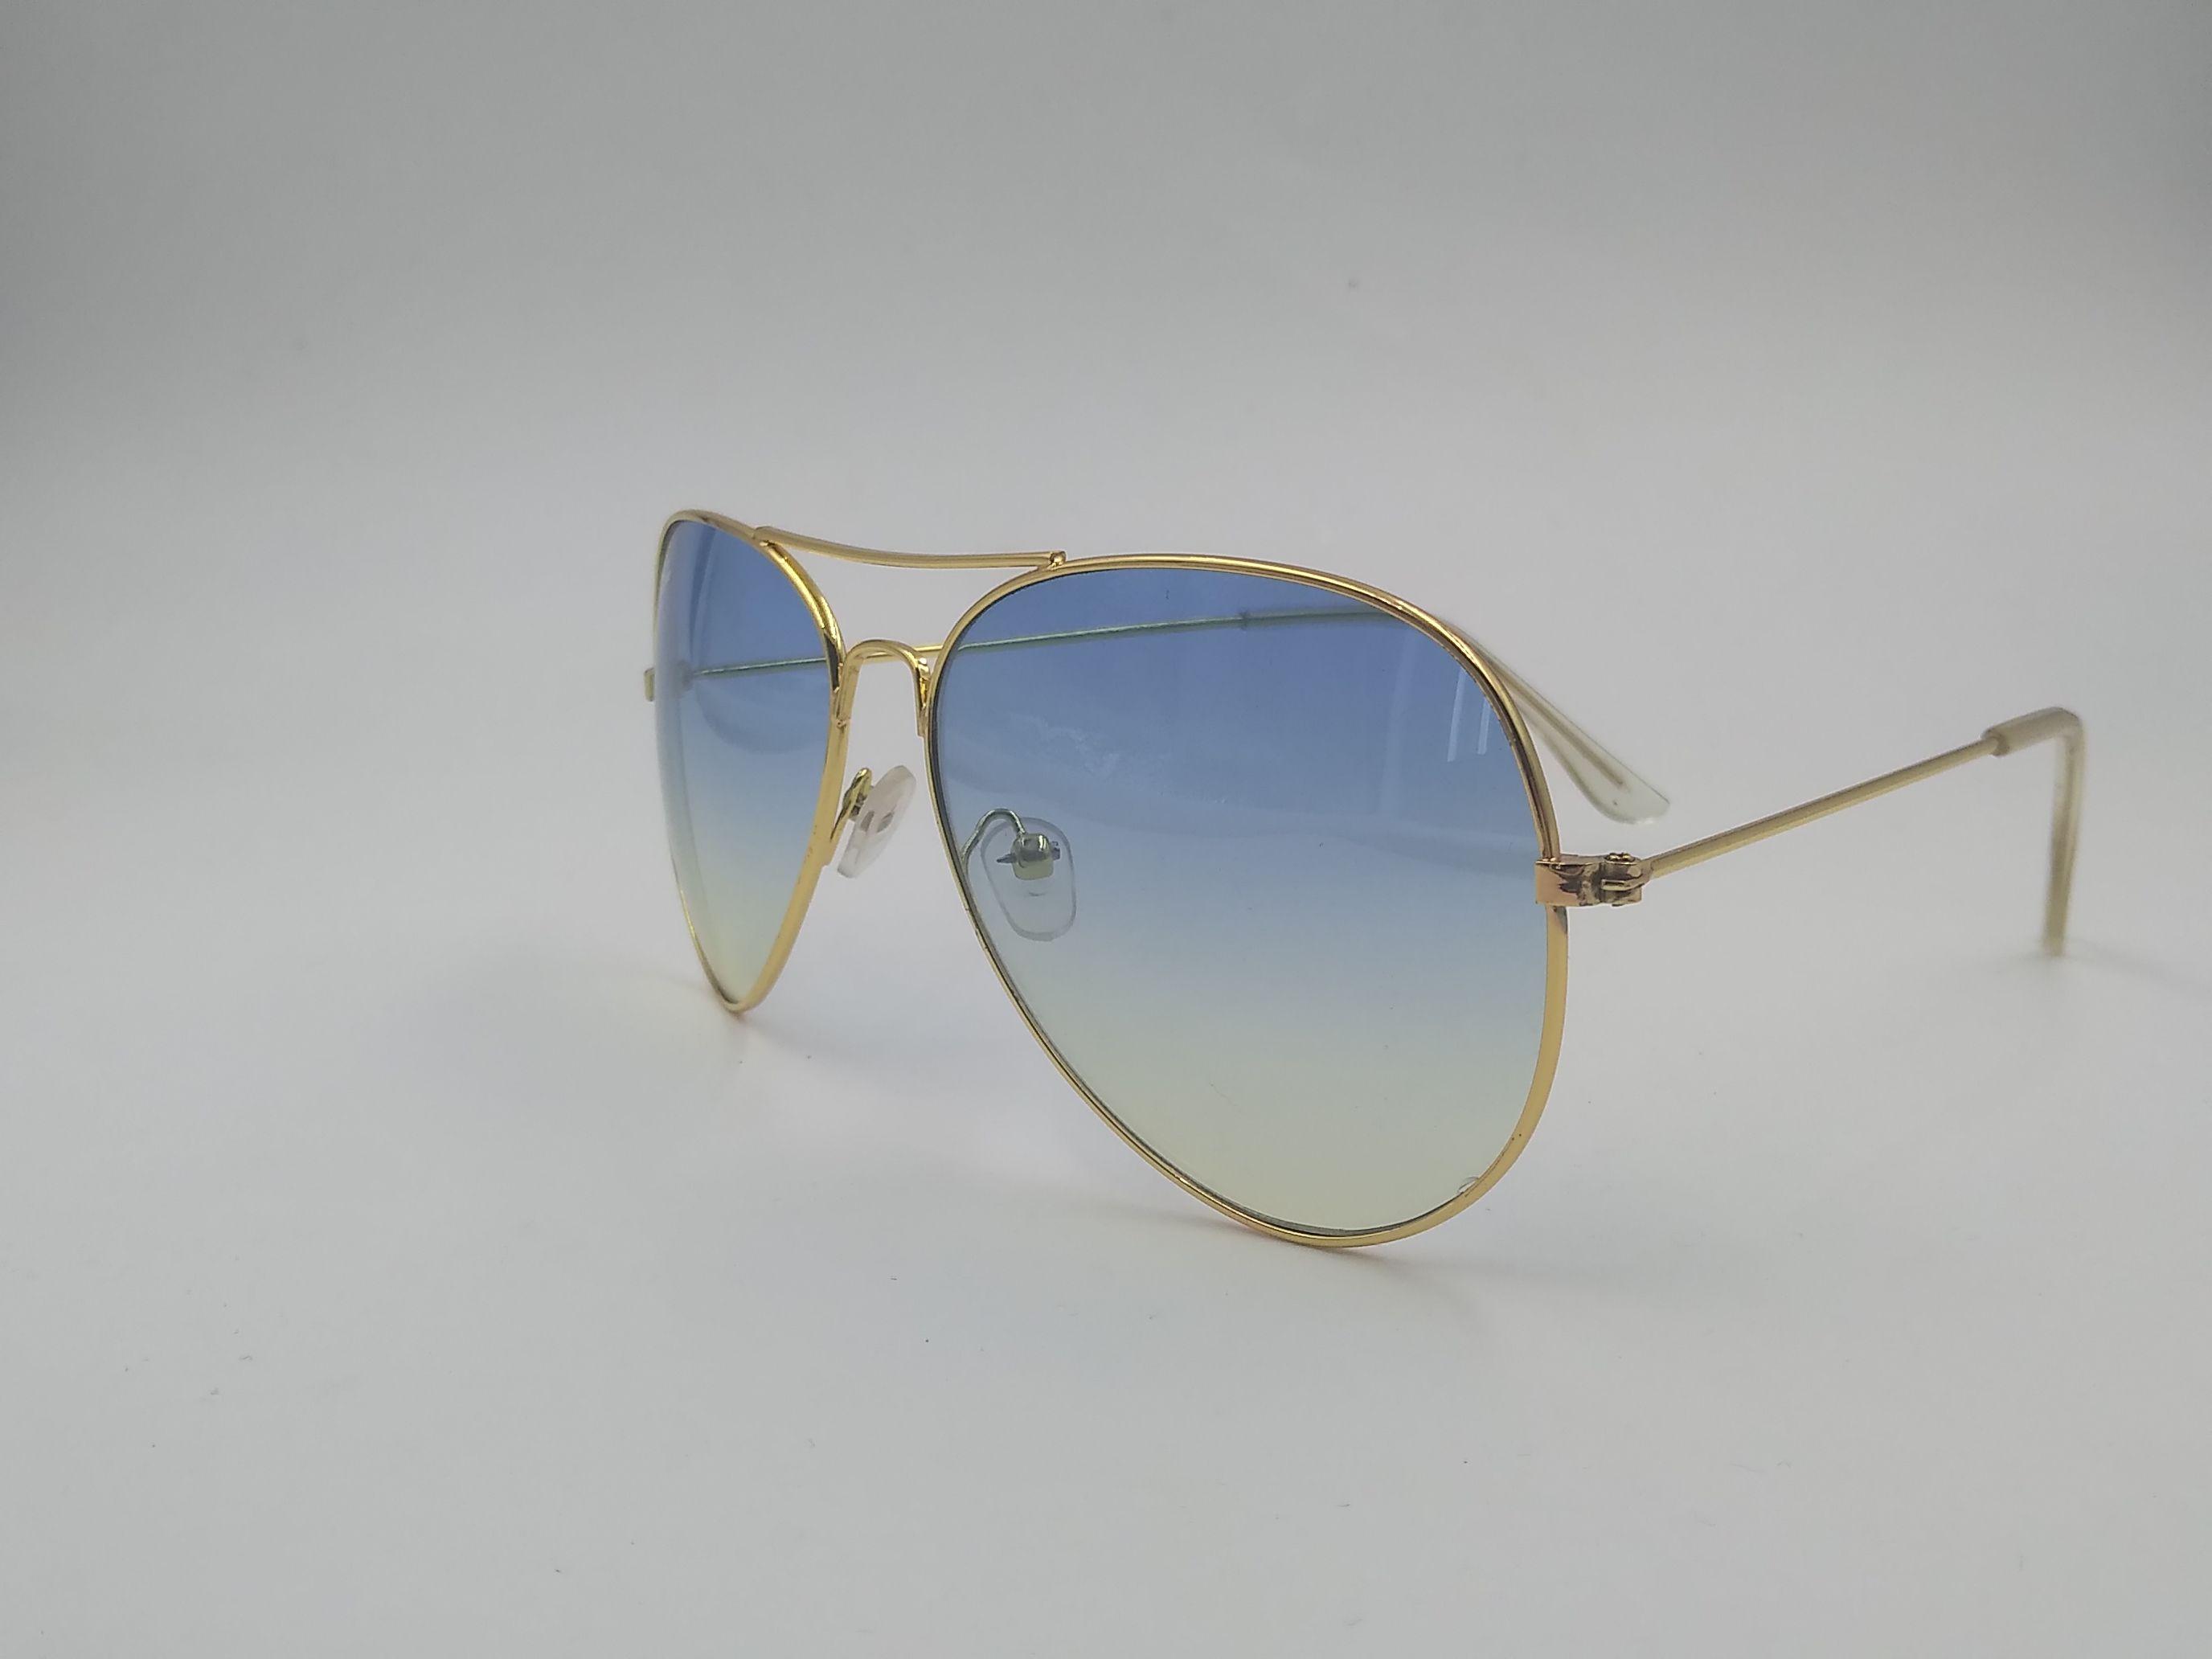 марка унисекс мода классика металлическая оправа с цветными линзами солнцезащитные очки звезды солнцезащитные очки